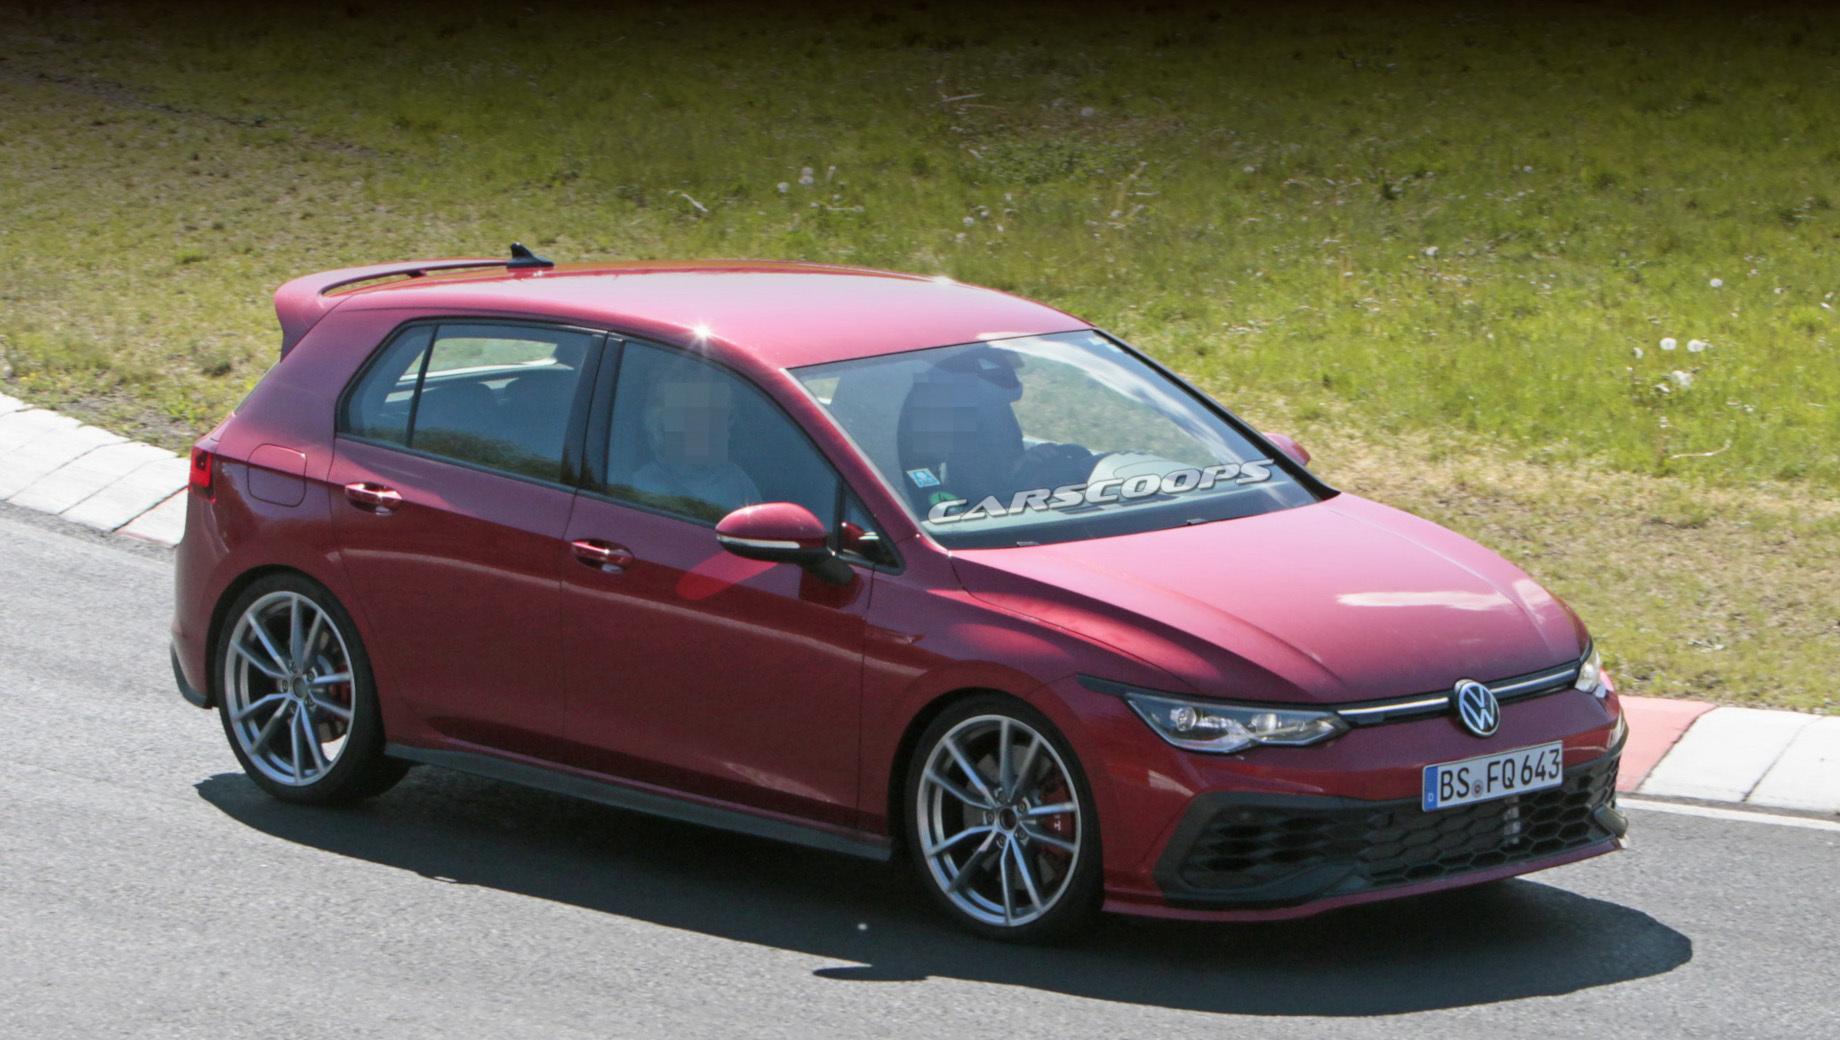 Volkswagen golf,Volkswagen golf gti,Volkswagen golf gti tcr. Версия GTI TCR похожа на GTI, но выделяется оригинальными легкосплавными дисками, перекроенными воздухозаборниками и сплиттером.